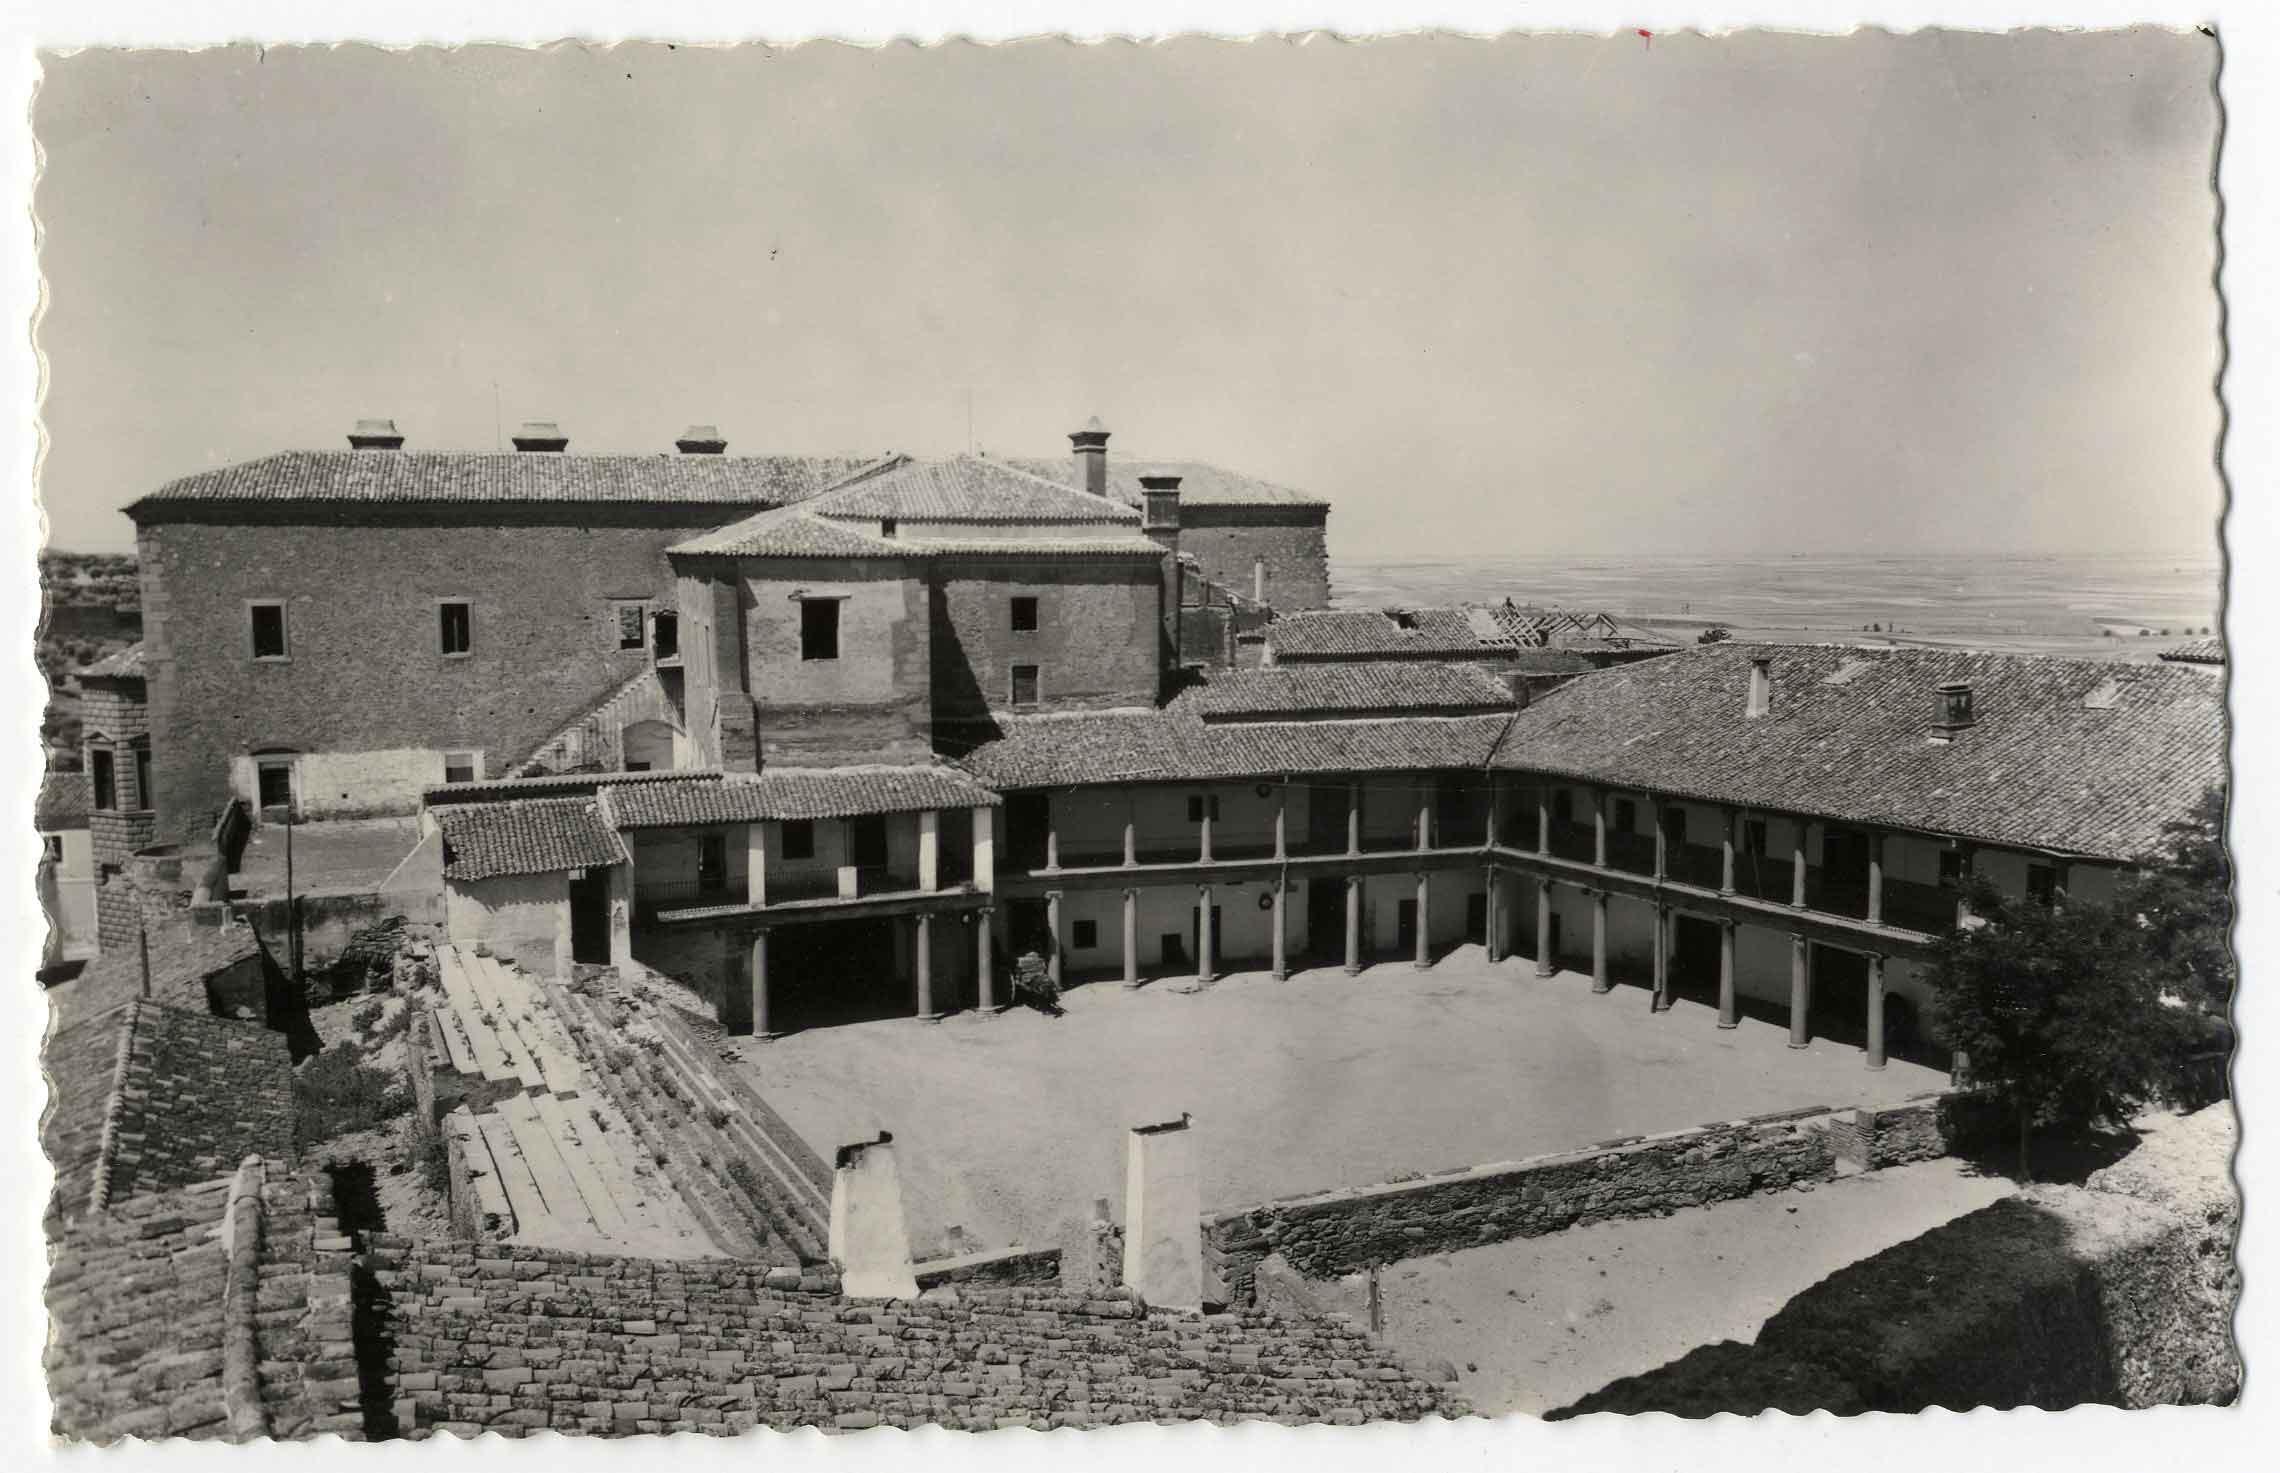 Oropesa. Patio del Parador de Turismo. 1964 (P-705)